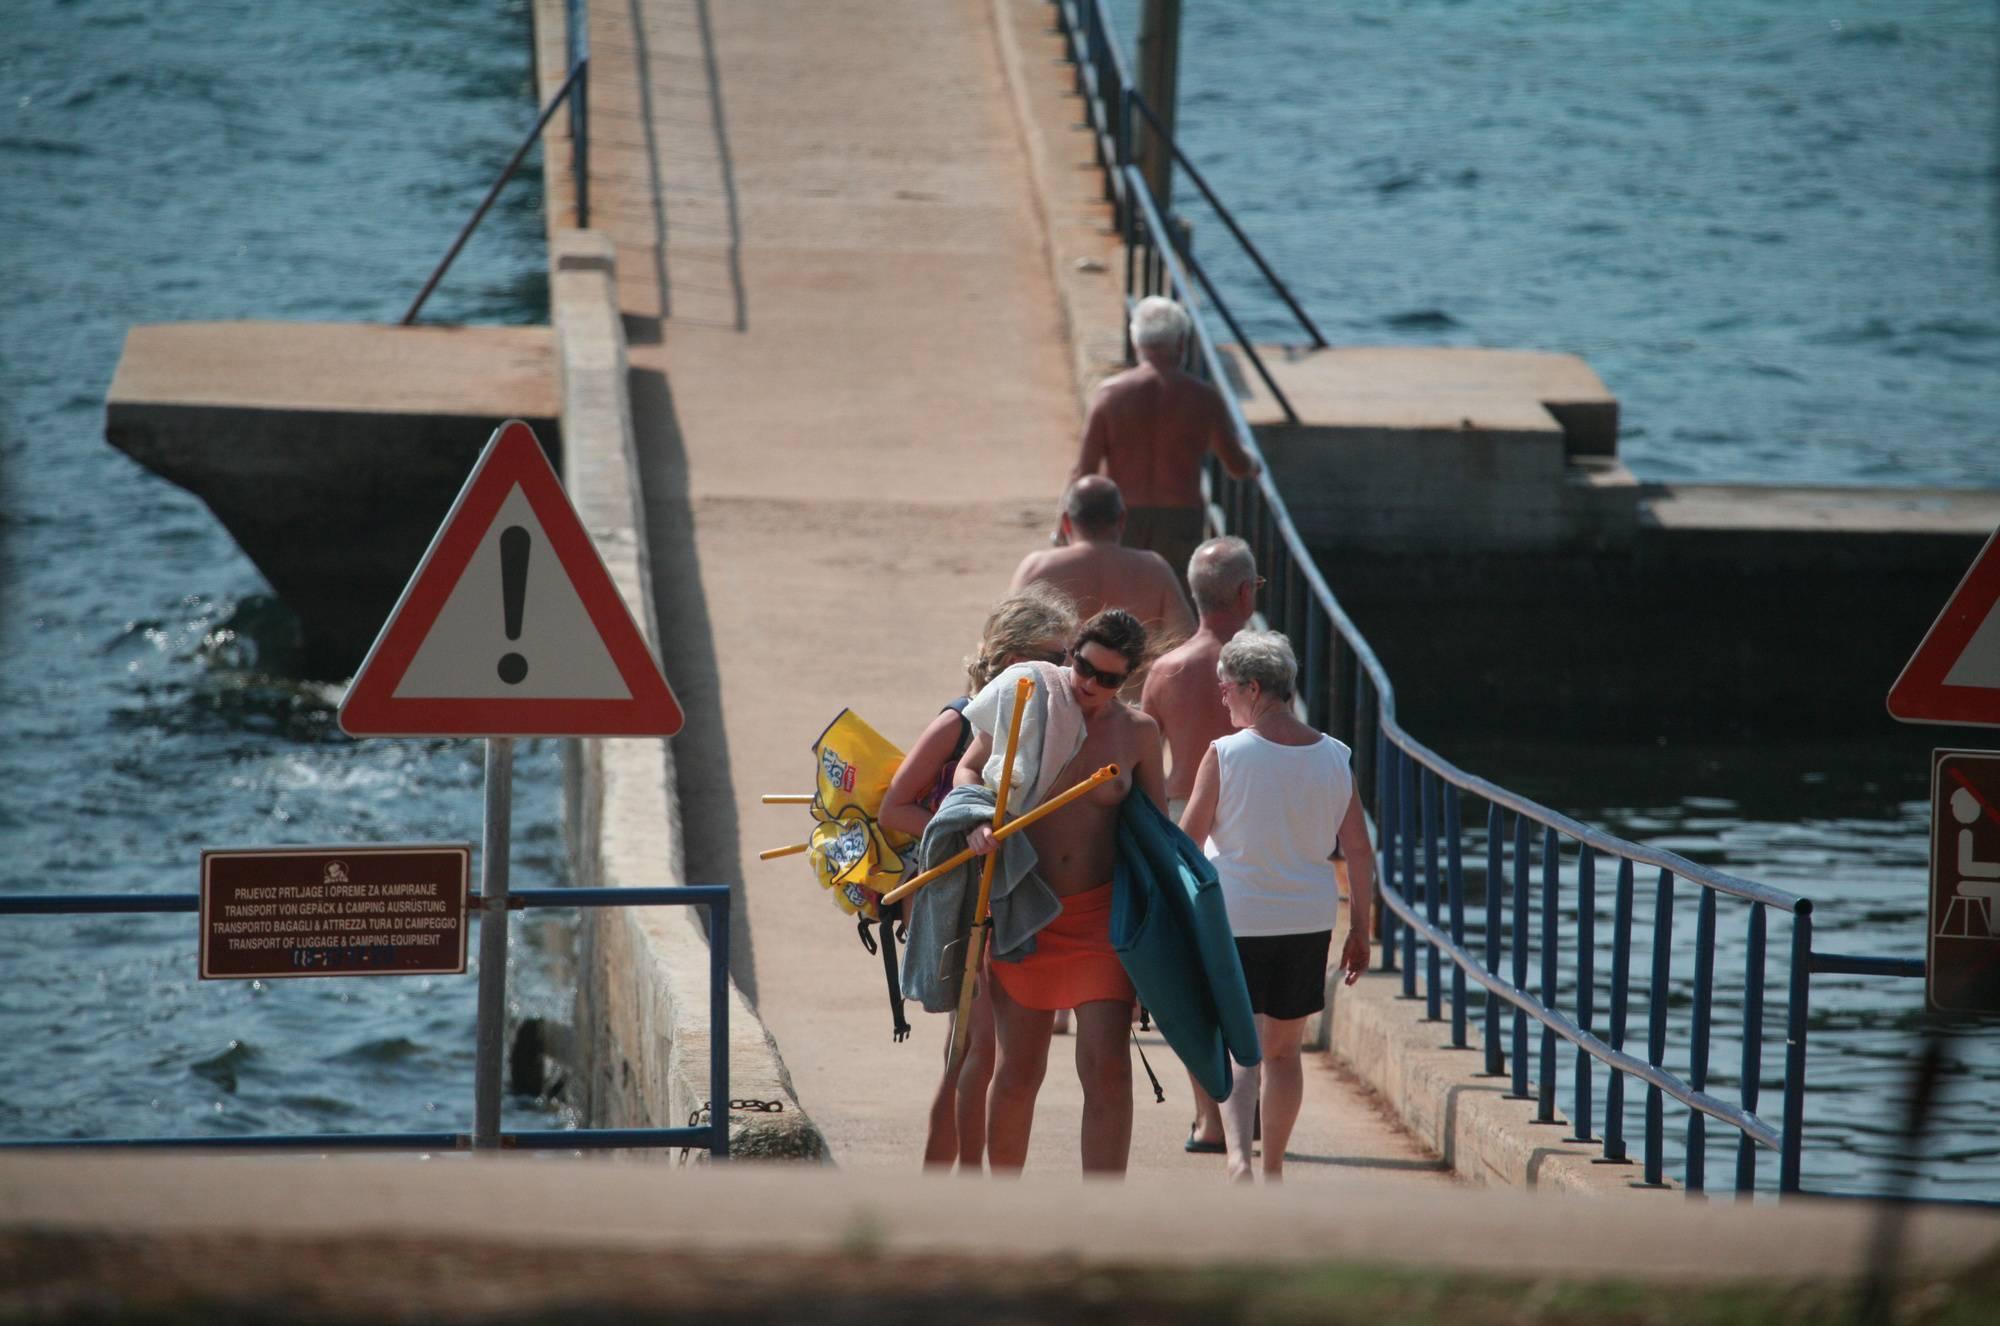 Nudist Photos Crete FKK Bridge Crossing - 1